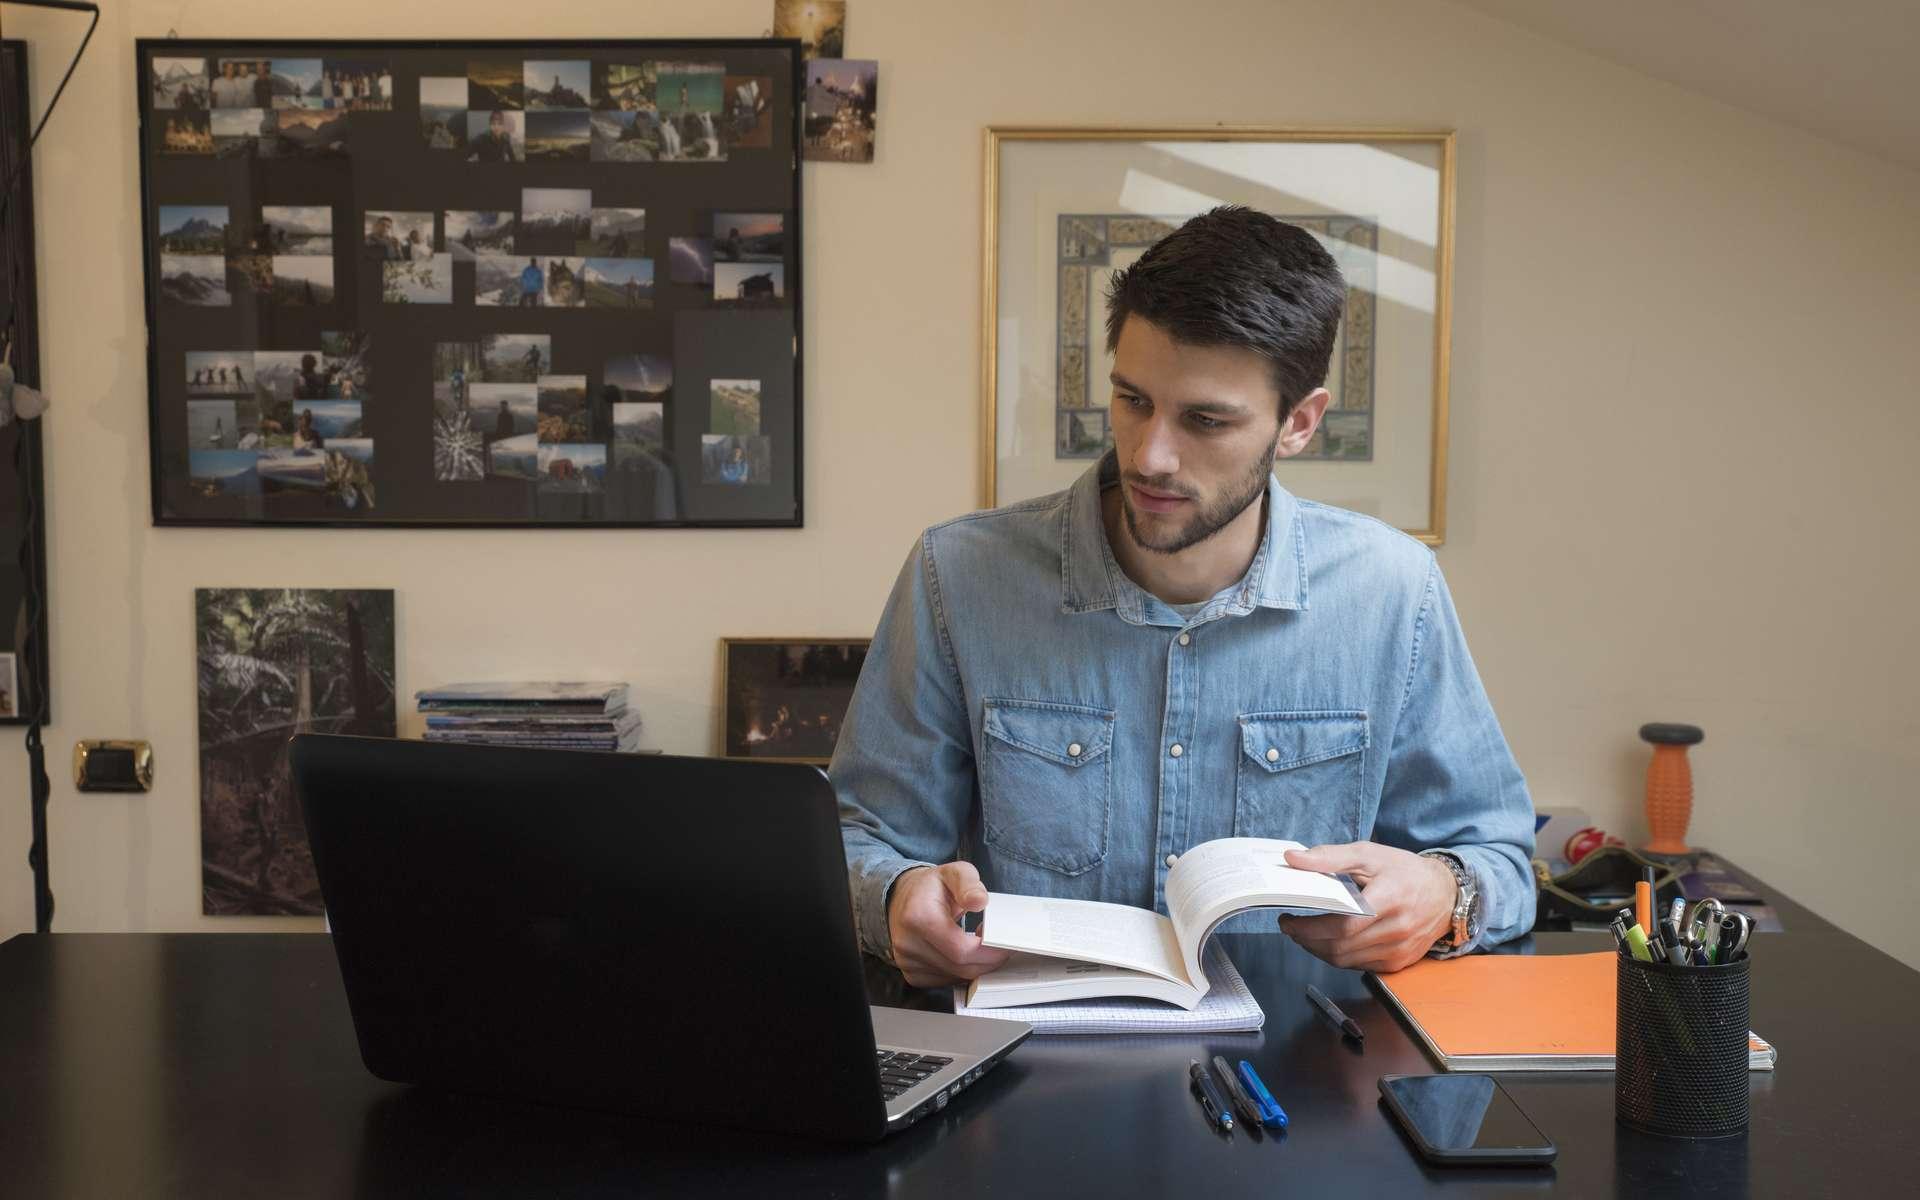 Pour réussir ses études durant le confinement, il est important de garder un rythme quotidien et d'établir un programme de révisions et de travail. © Nicola, Adobe Stock